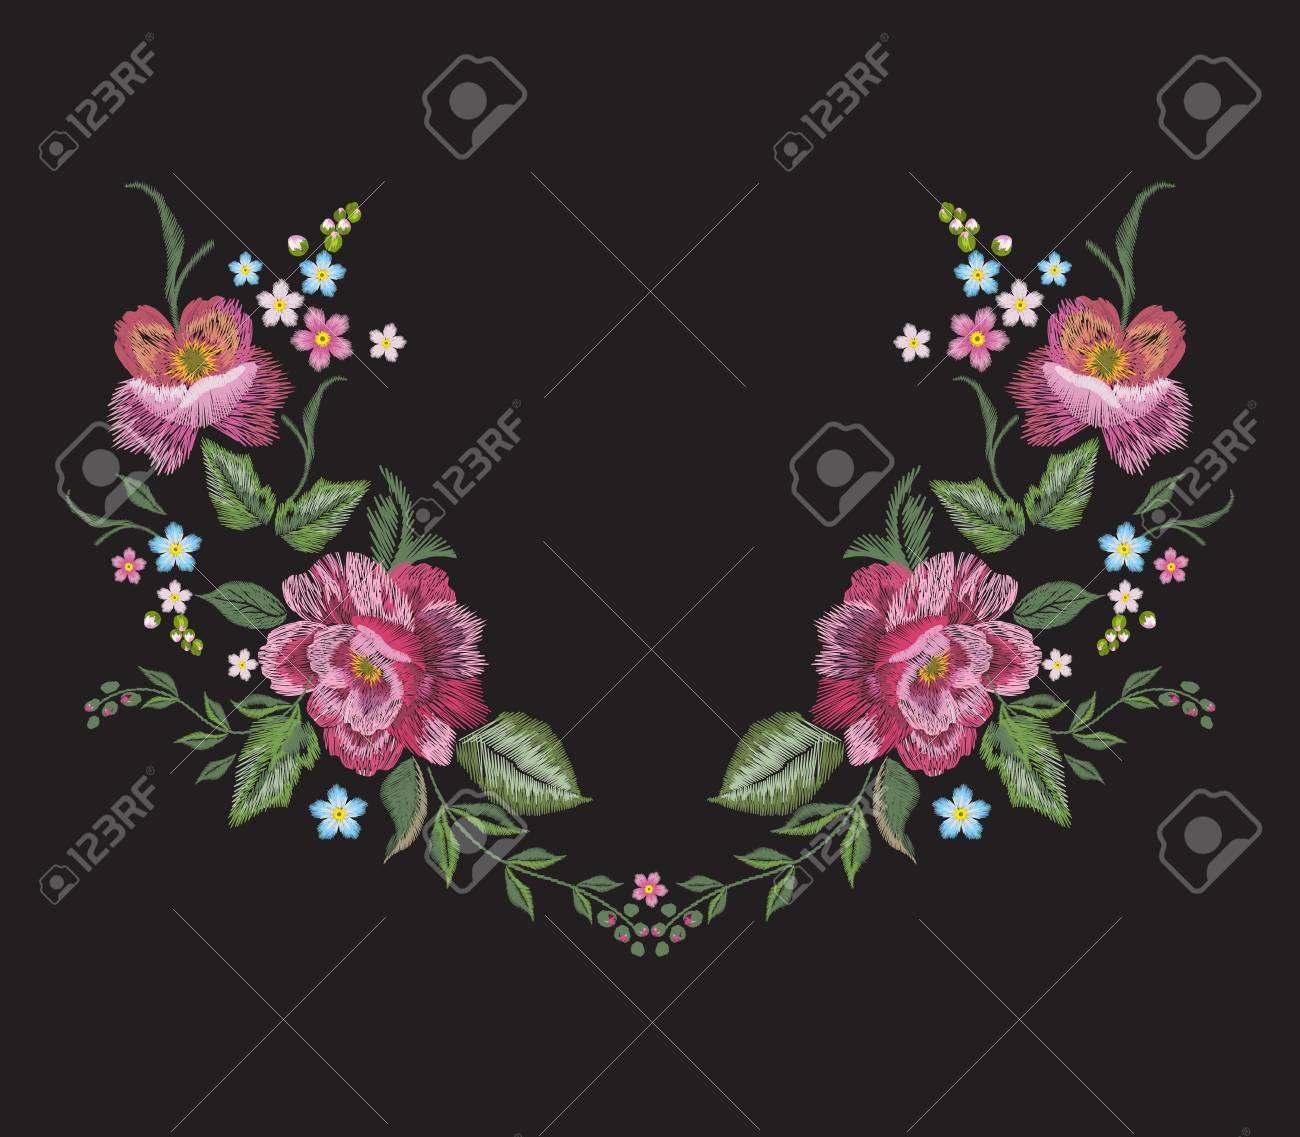 Foto de archivo - Patrón de escote floral bordado con rosas rojas. Vector  ramo bordado con flores para usar diseño. 24d099503dd2c